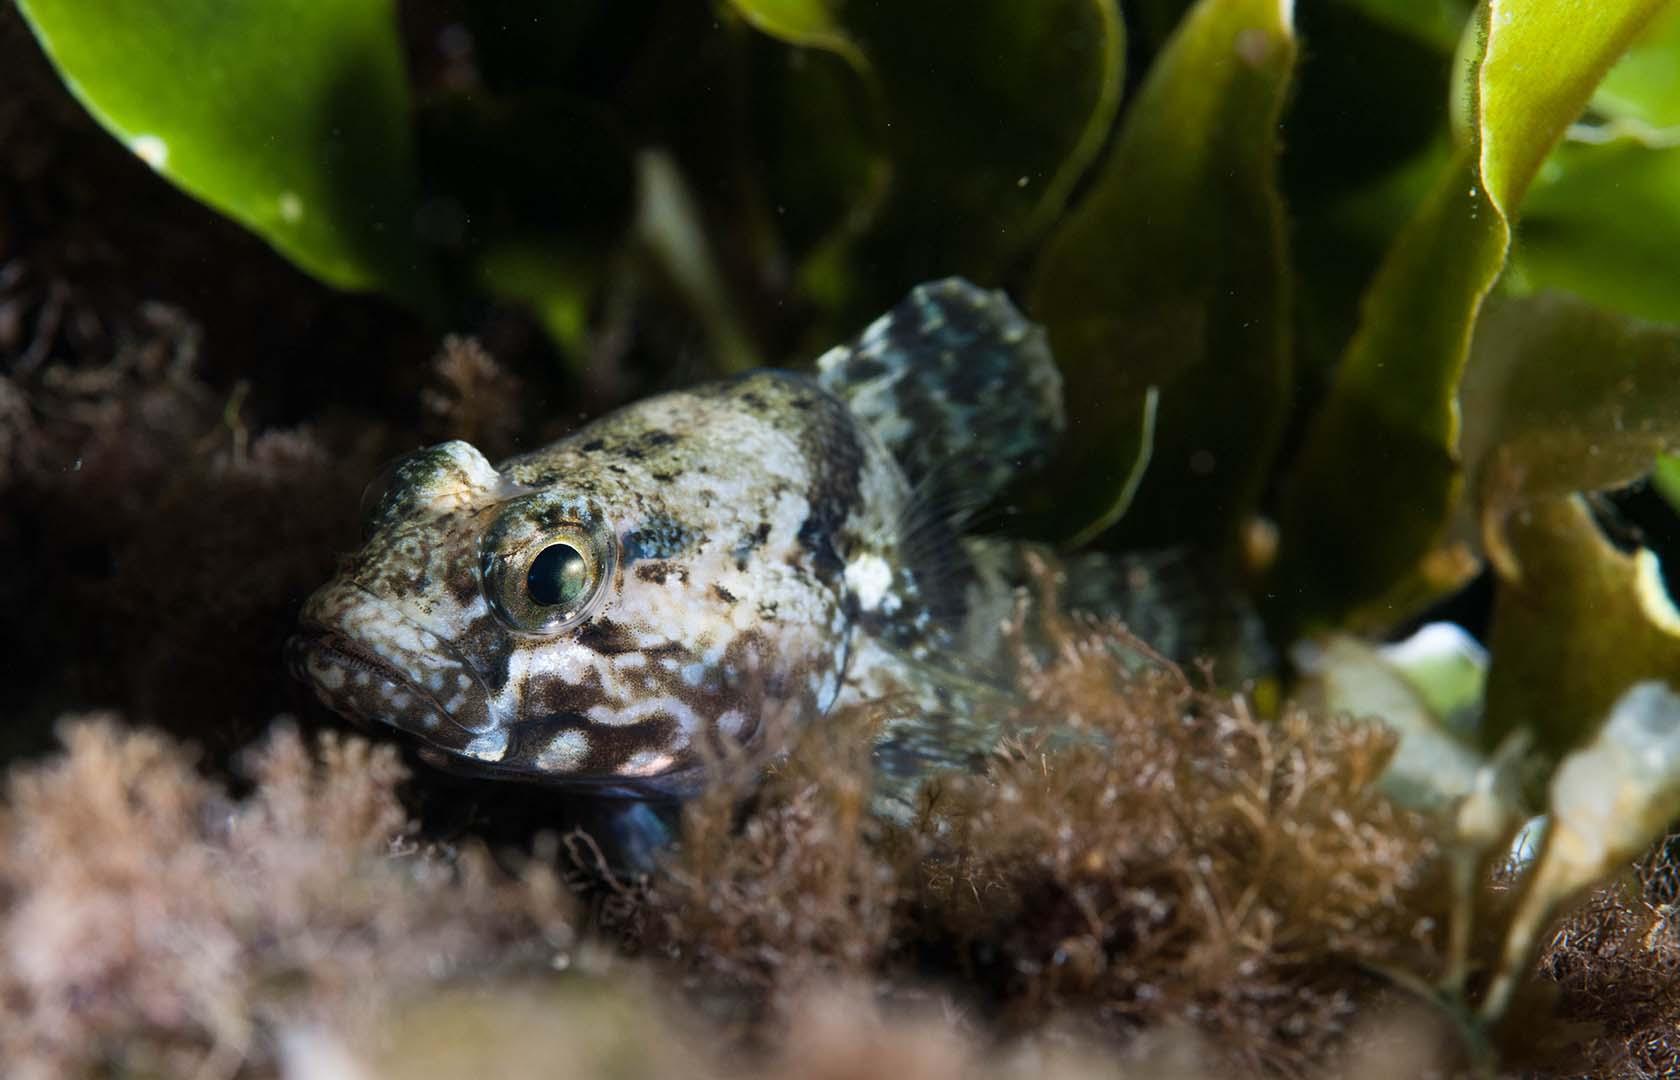 Ejemplar escondido entre Caulerpa prolifera.